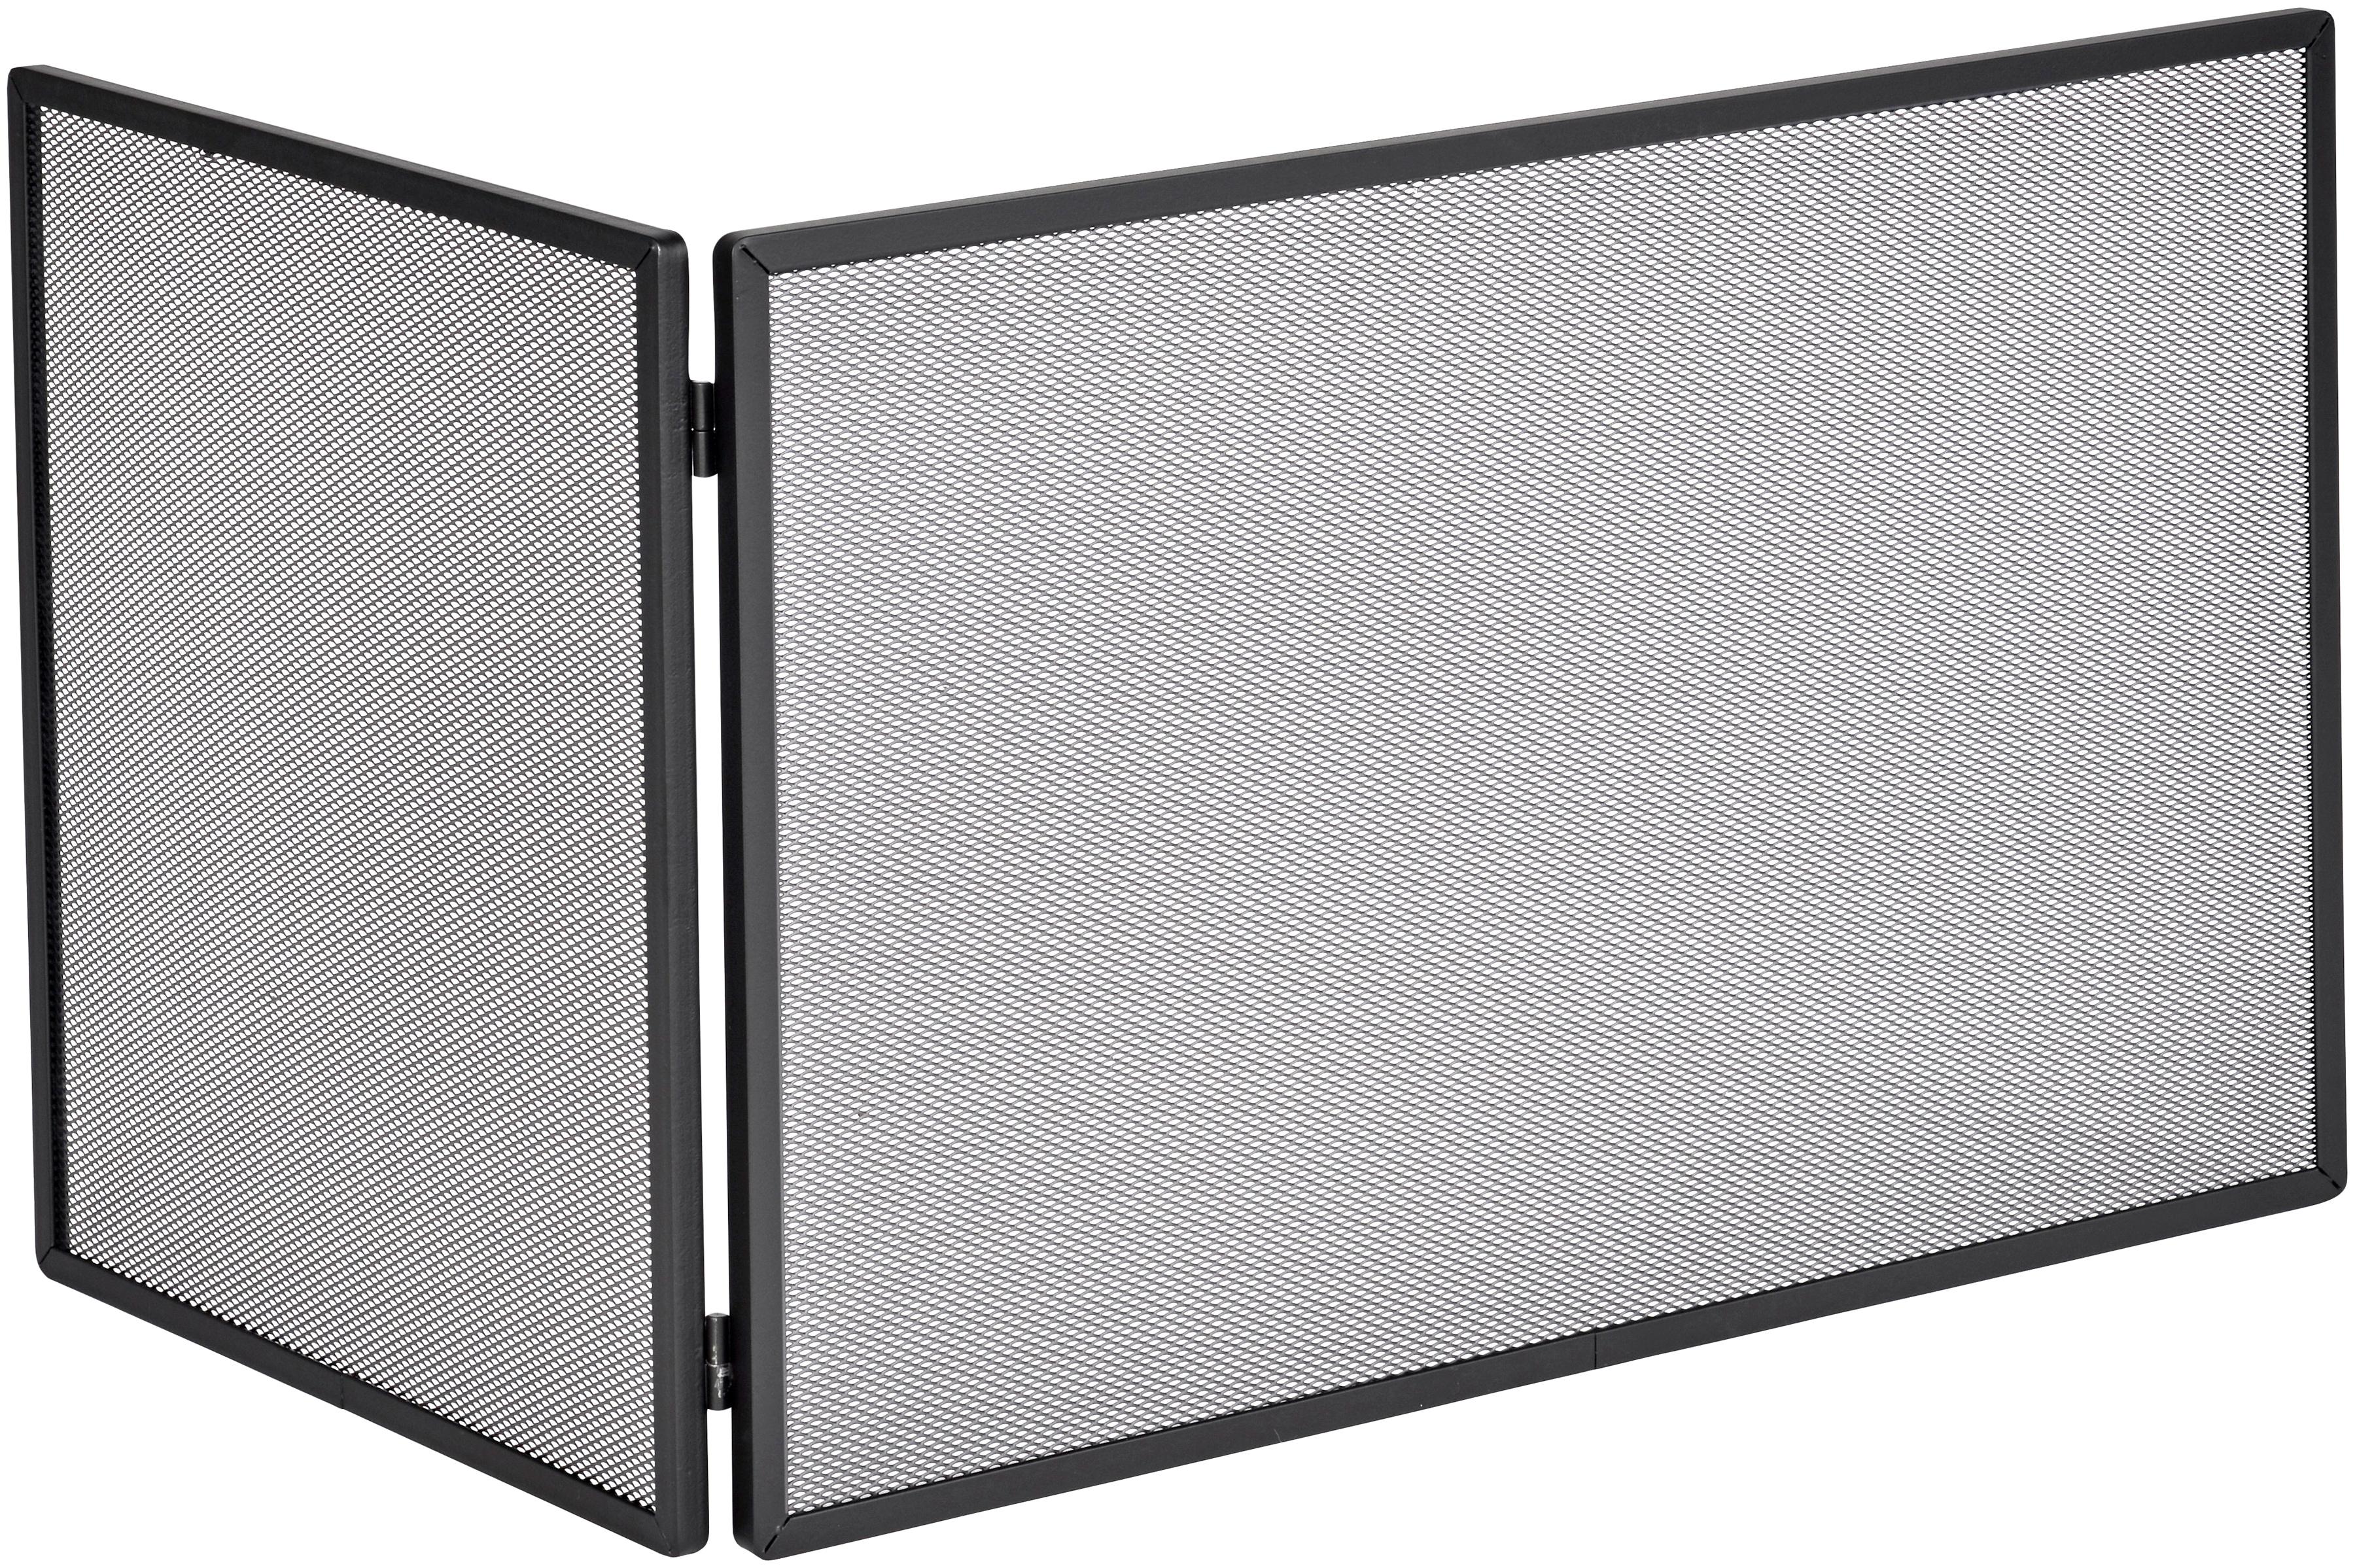 Firefix Funkenschutzgitter, mit Gittergeflecht, 45 x 50 22 cm (BxHxL) schwarz Funkenschutzgitter Kamin Öfenzubehör Heizen Klima